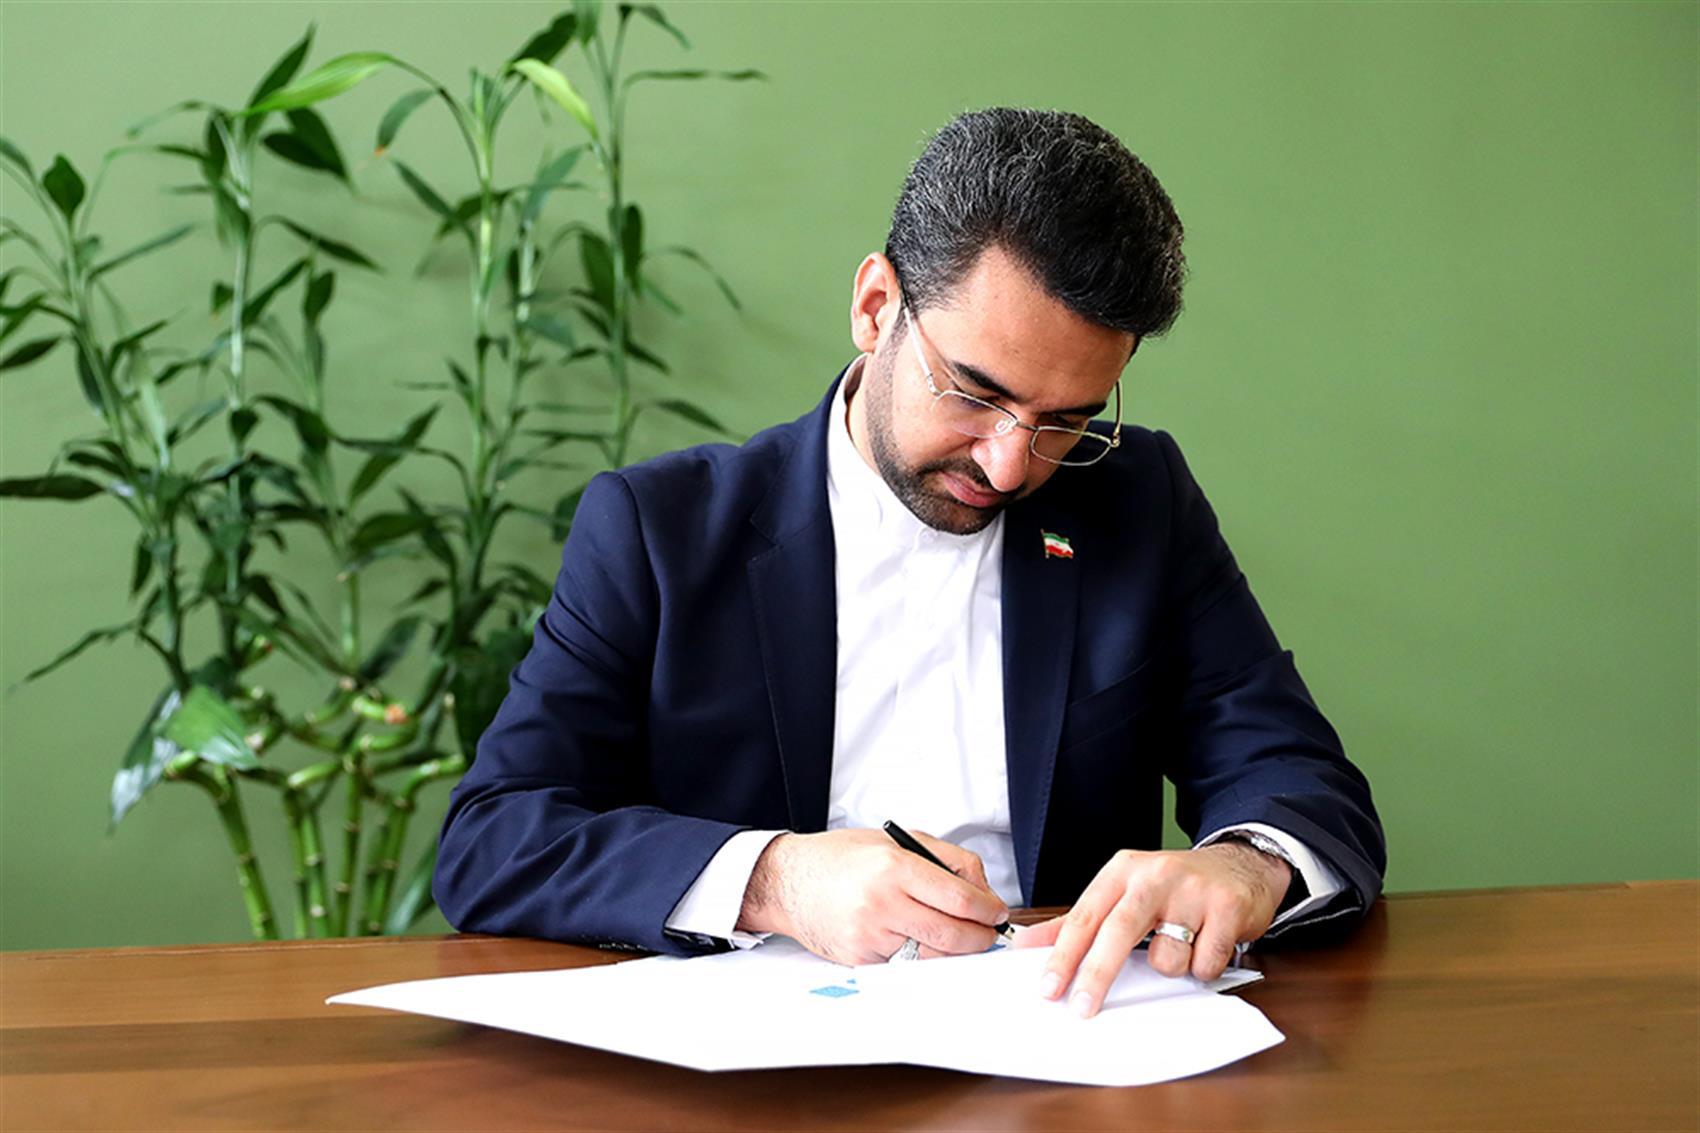 برنامه «ایران هوشمند» تحریمهای یکجانبه را بی اثر می کند